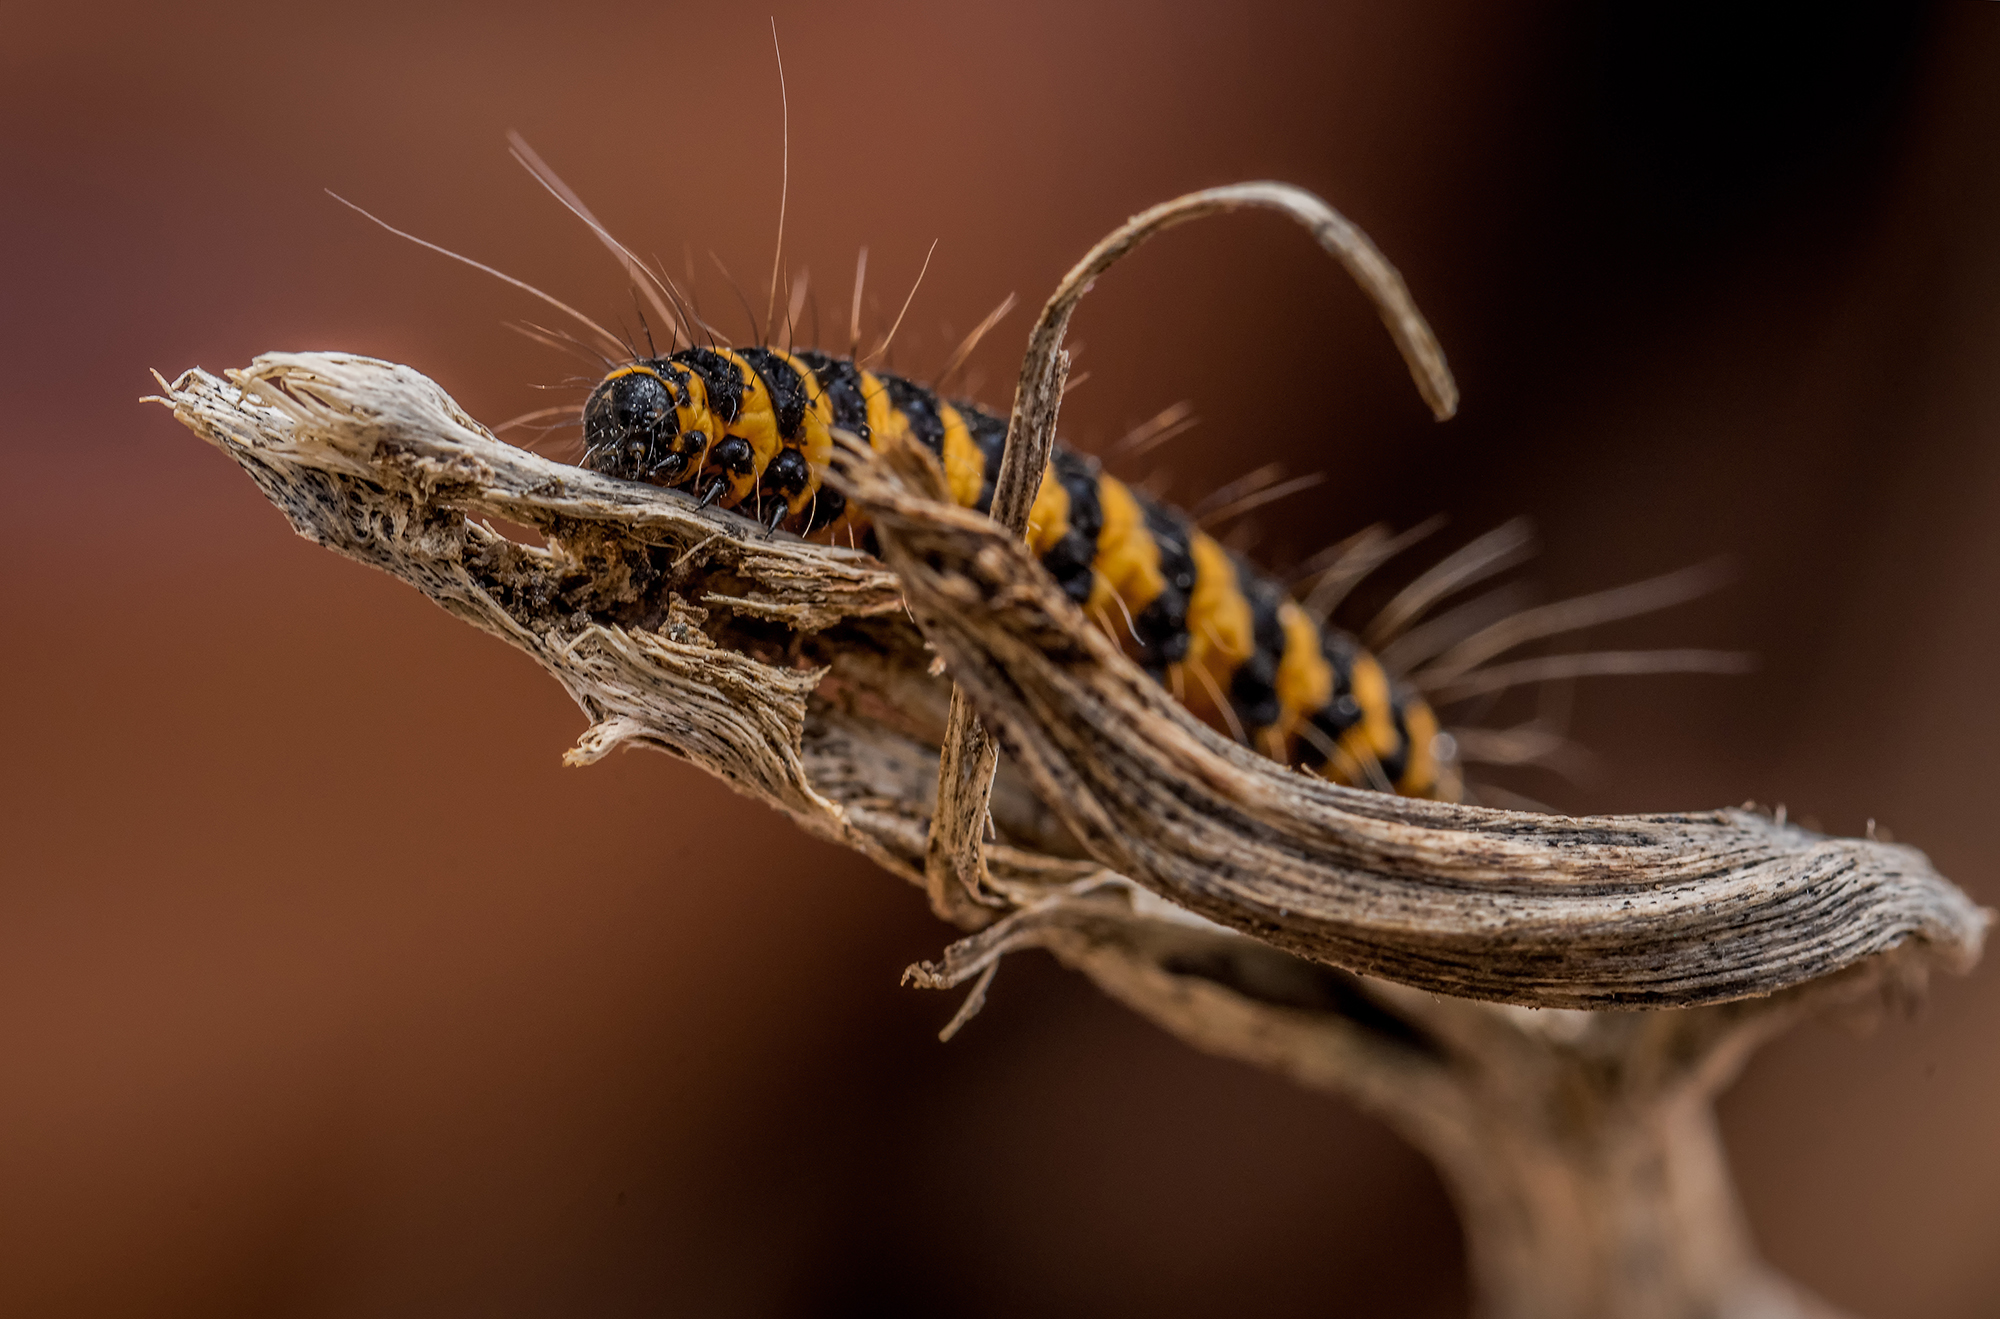 Portrait en macrophotographie d'une chenille de papillon de nuit